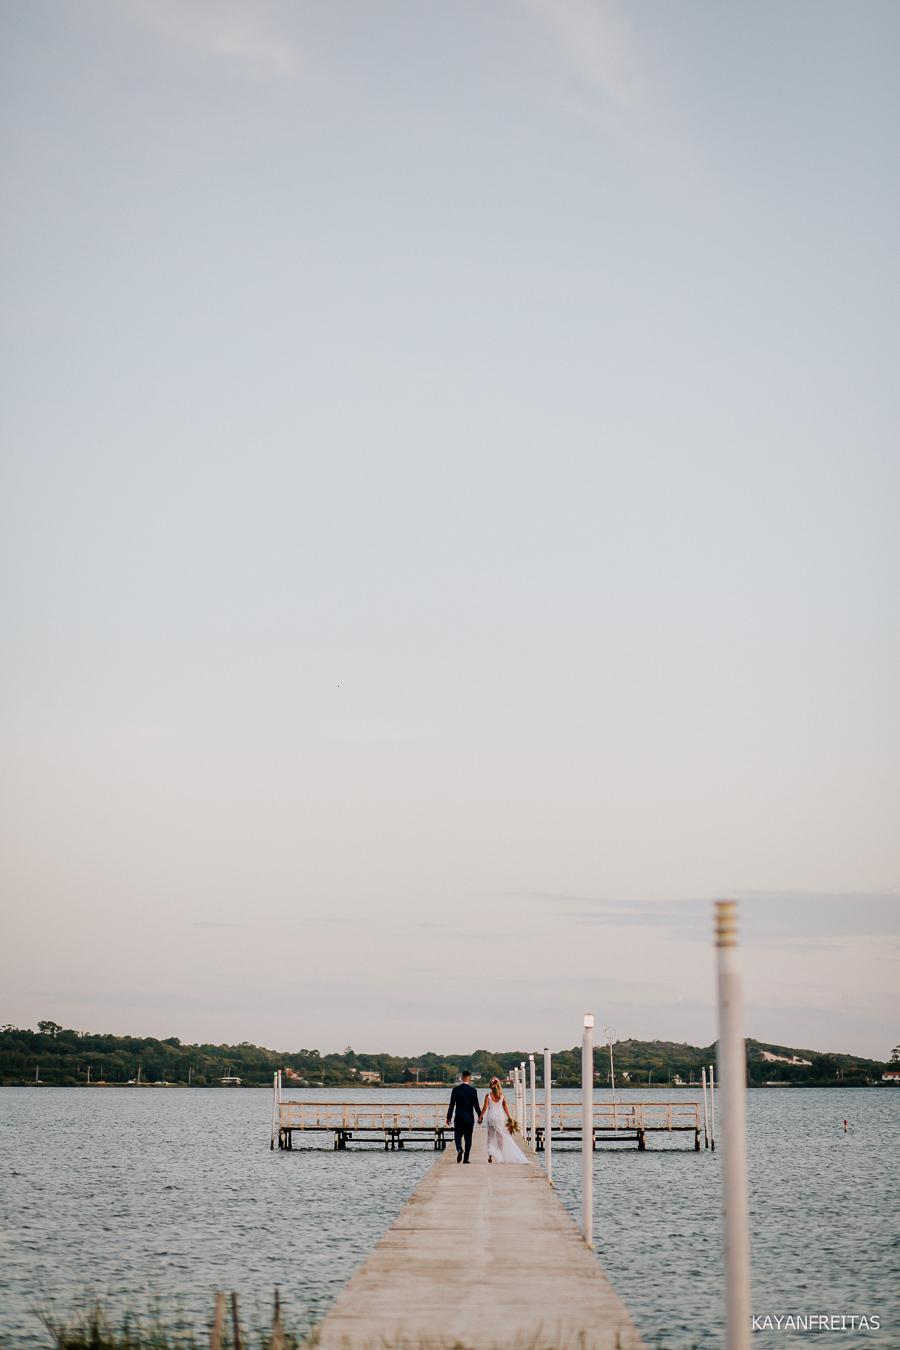 casamentodedia-lic-floripa-0106 Casamento de dia em Florianópolis - Pri e Guto